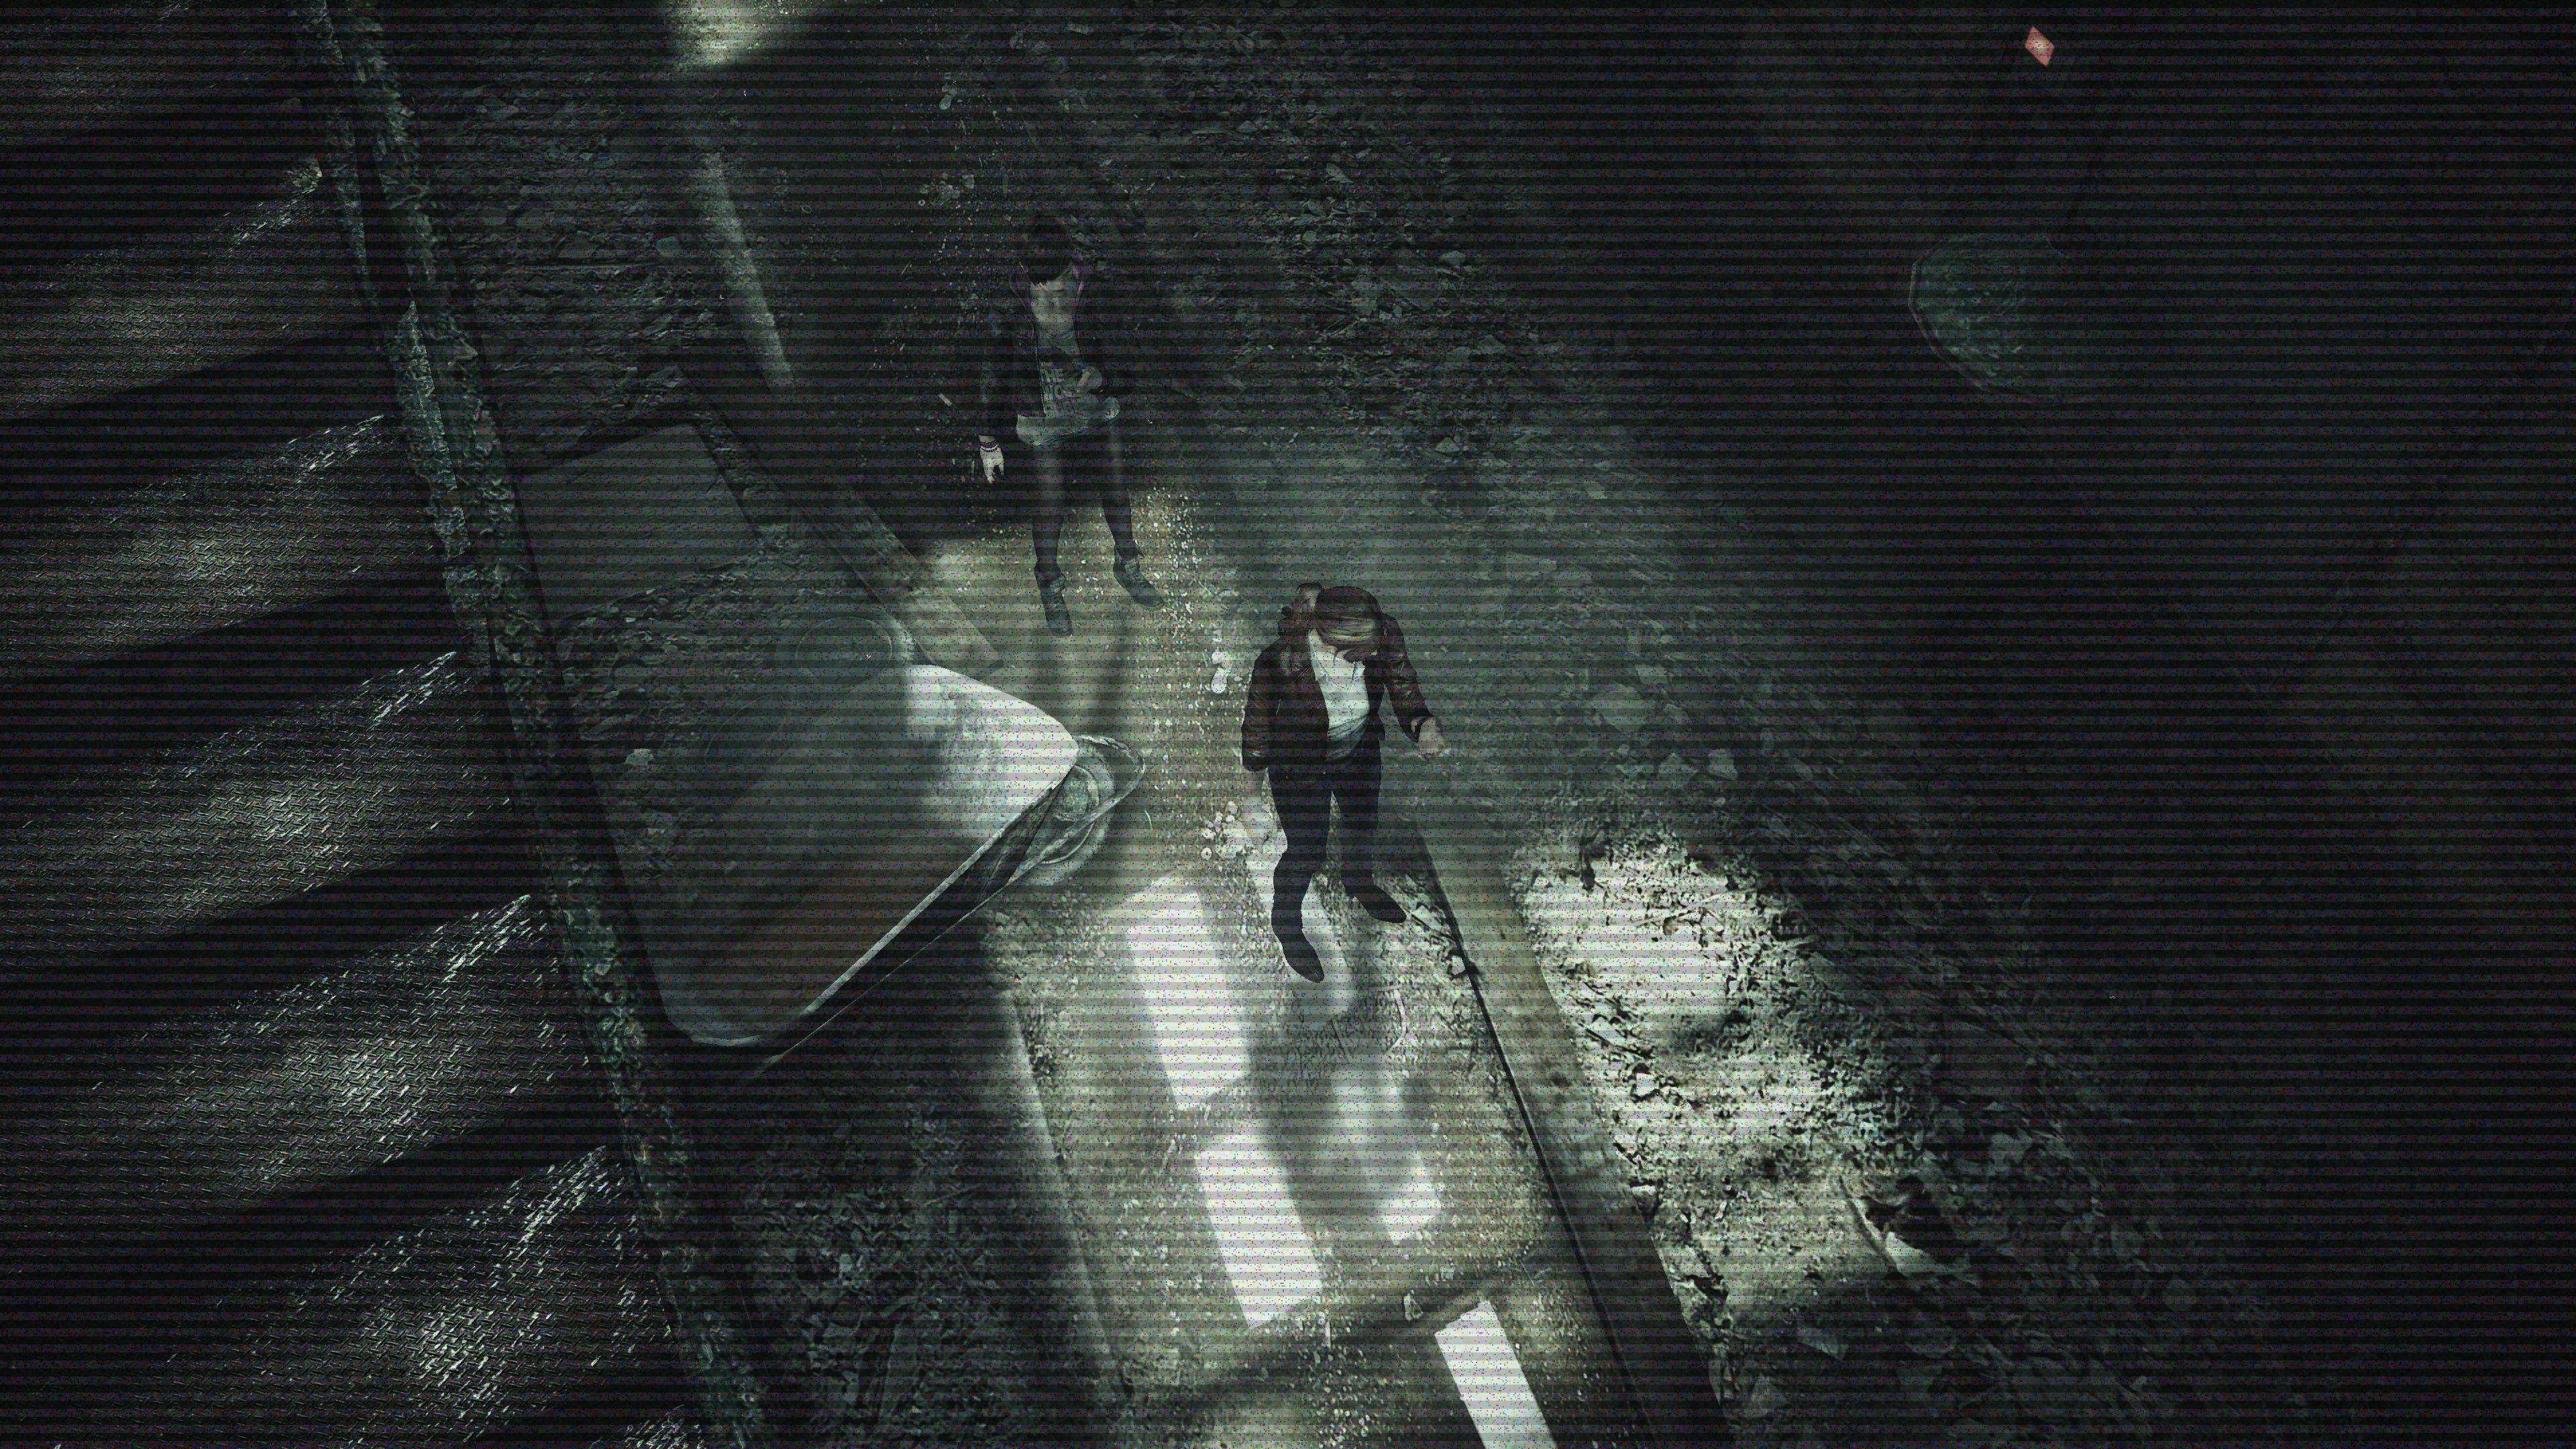 Black Ops 2 Wallpaper Wallpaper Resident Evil Revelations 2 Best Games 2015